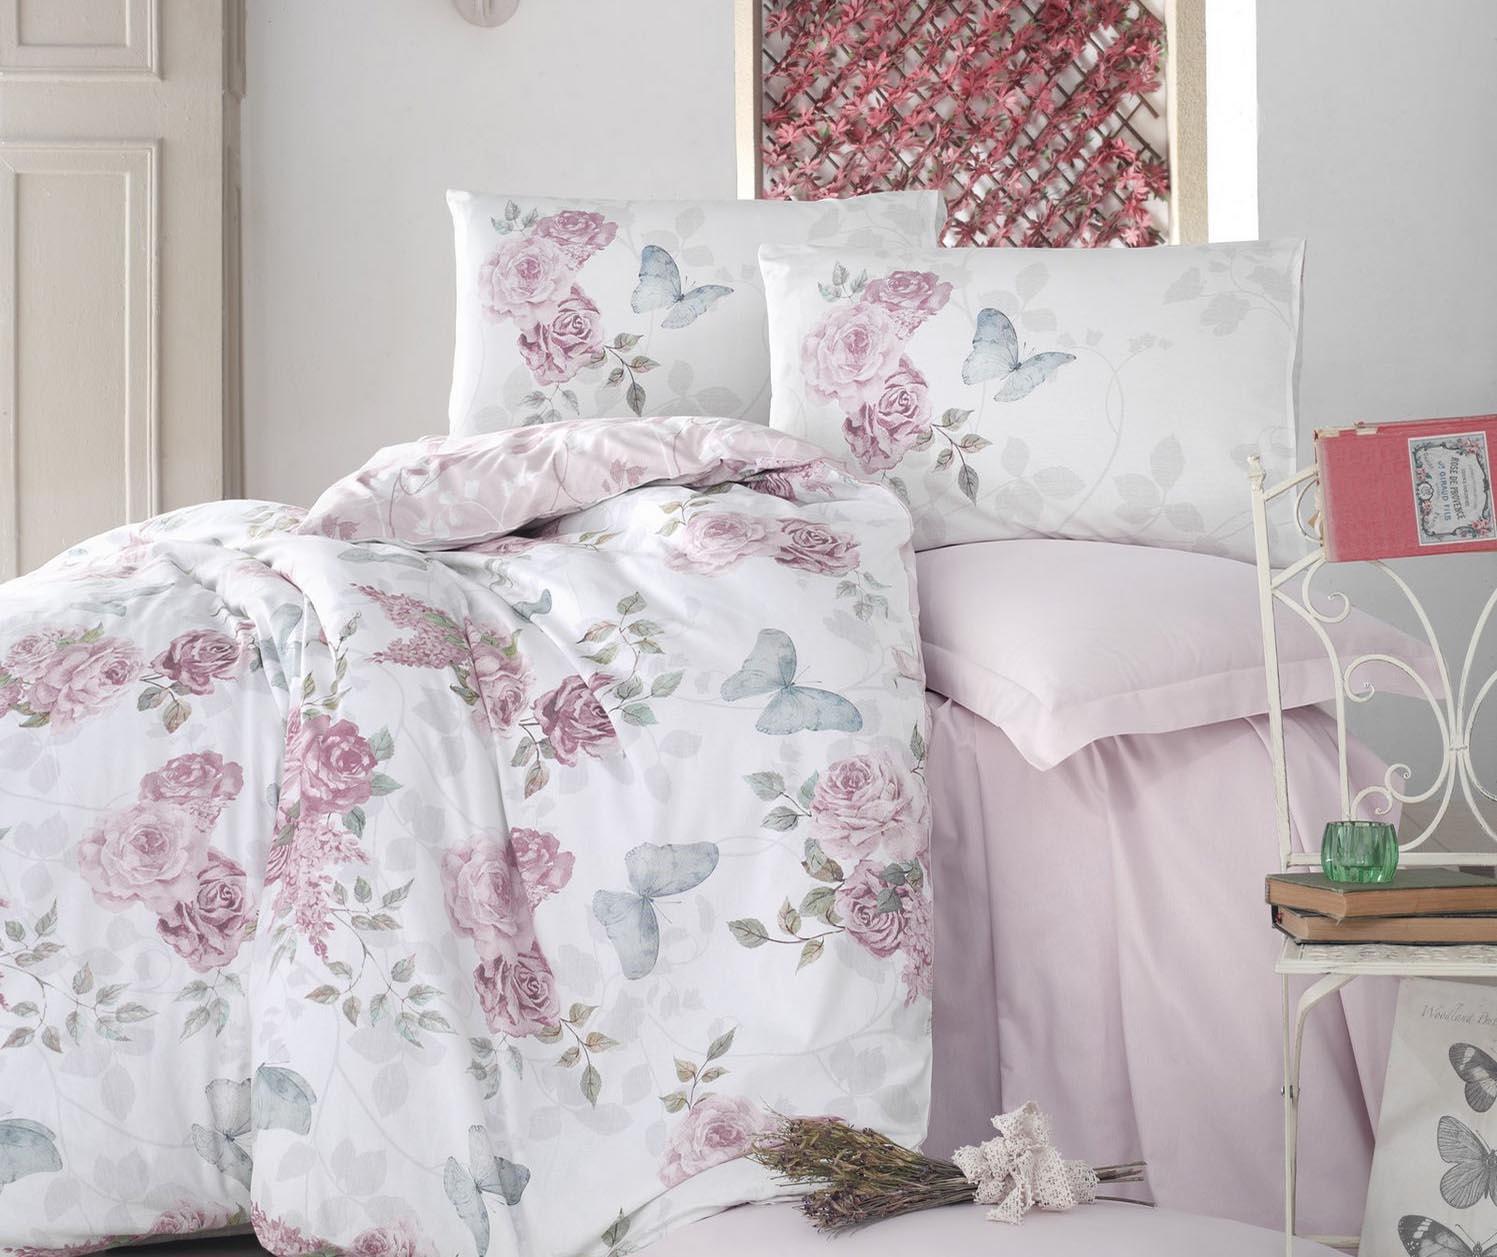 Lenjerie de pat King Ranforce Rosella Pink 200x220 - Cotton Box, Roz de la Cotton Box